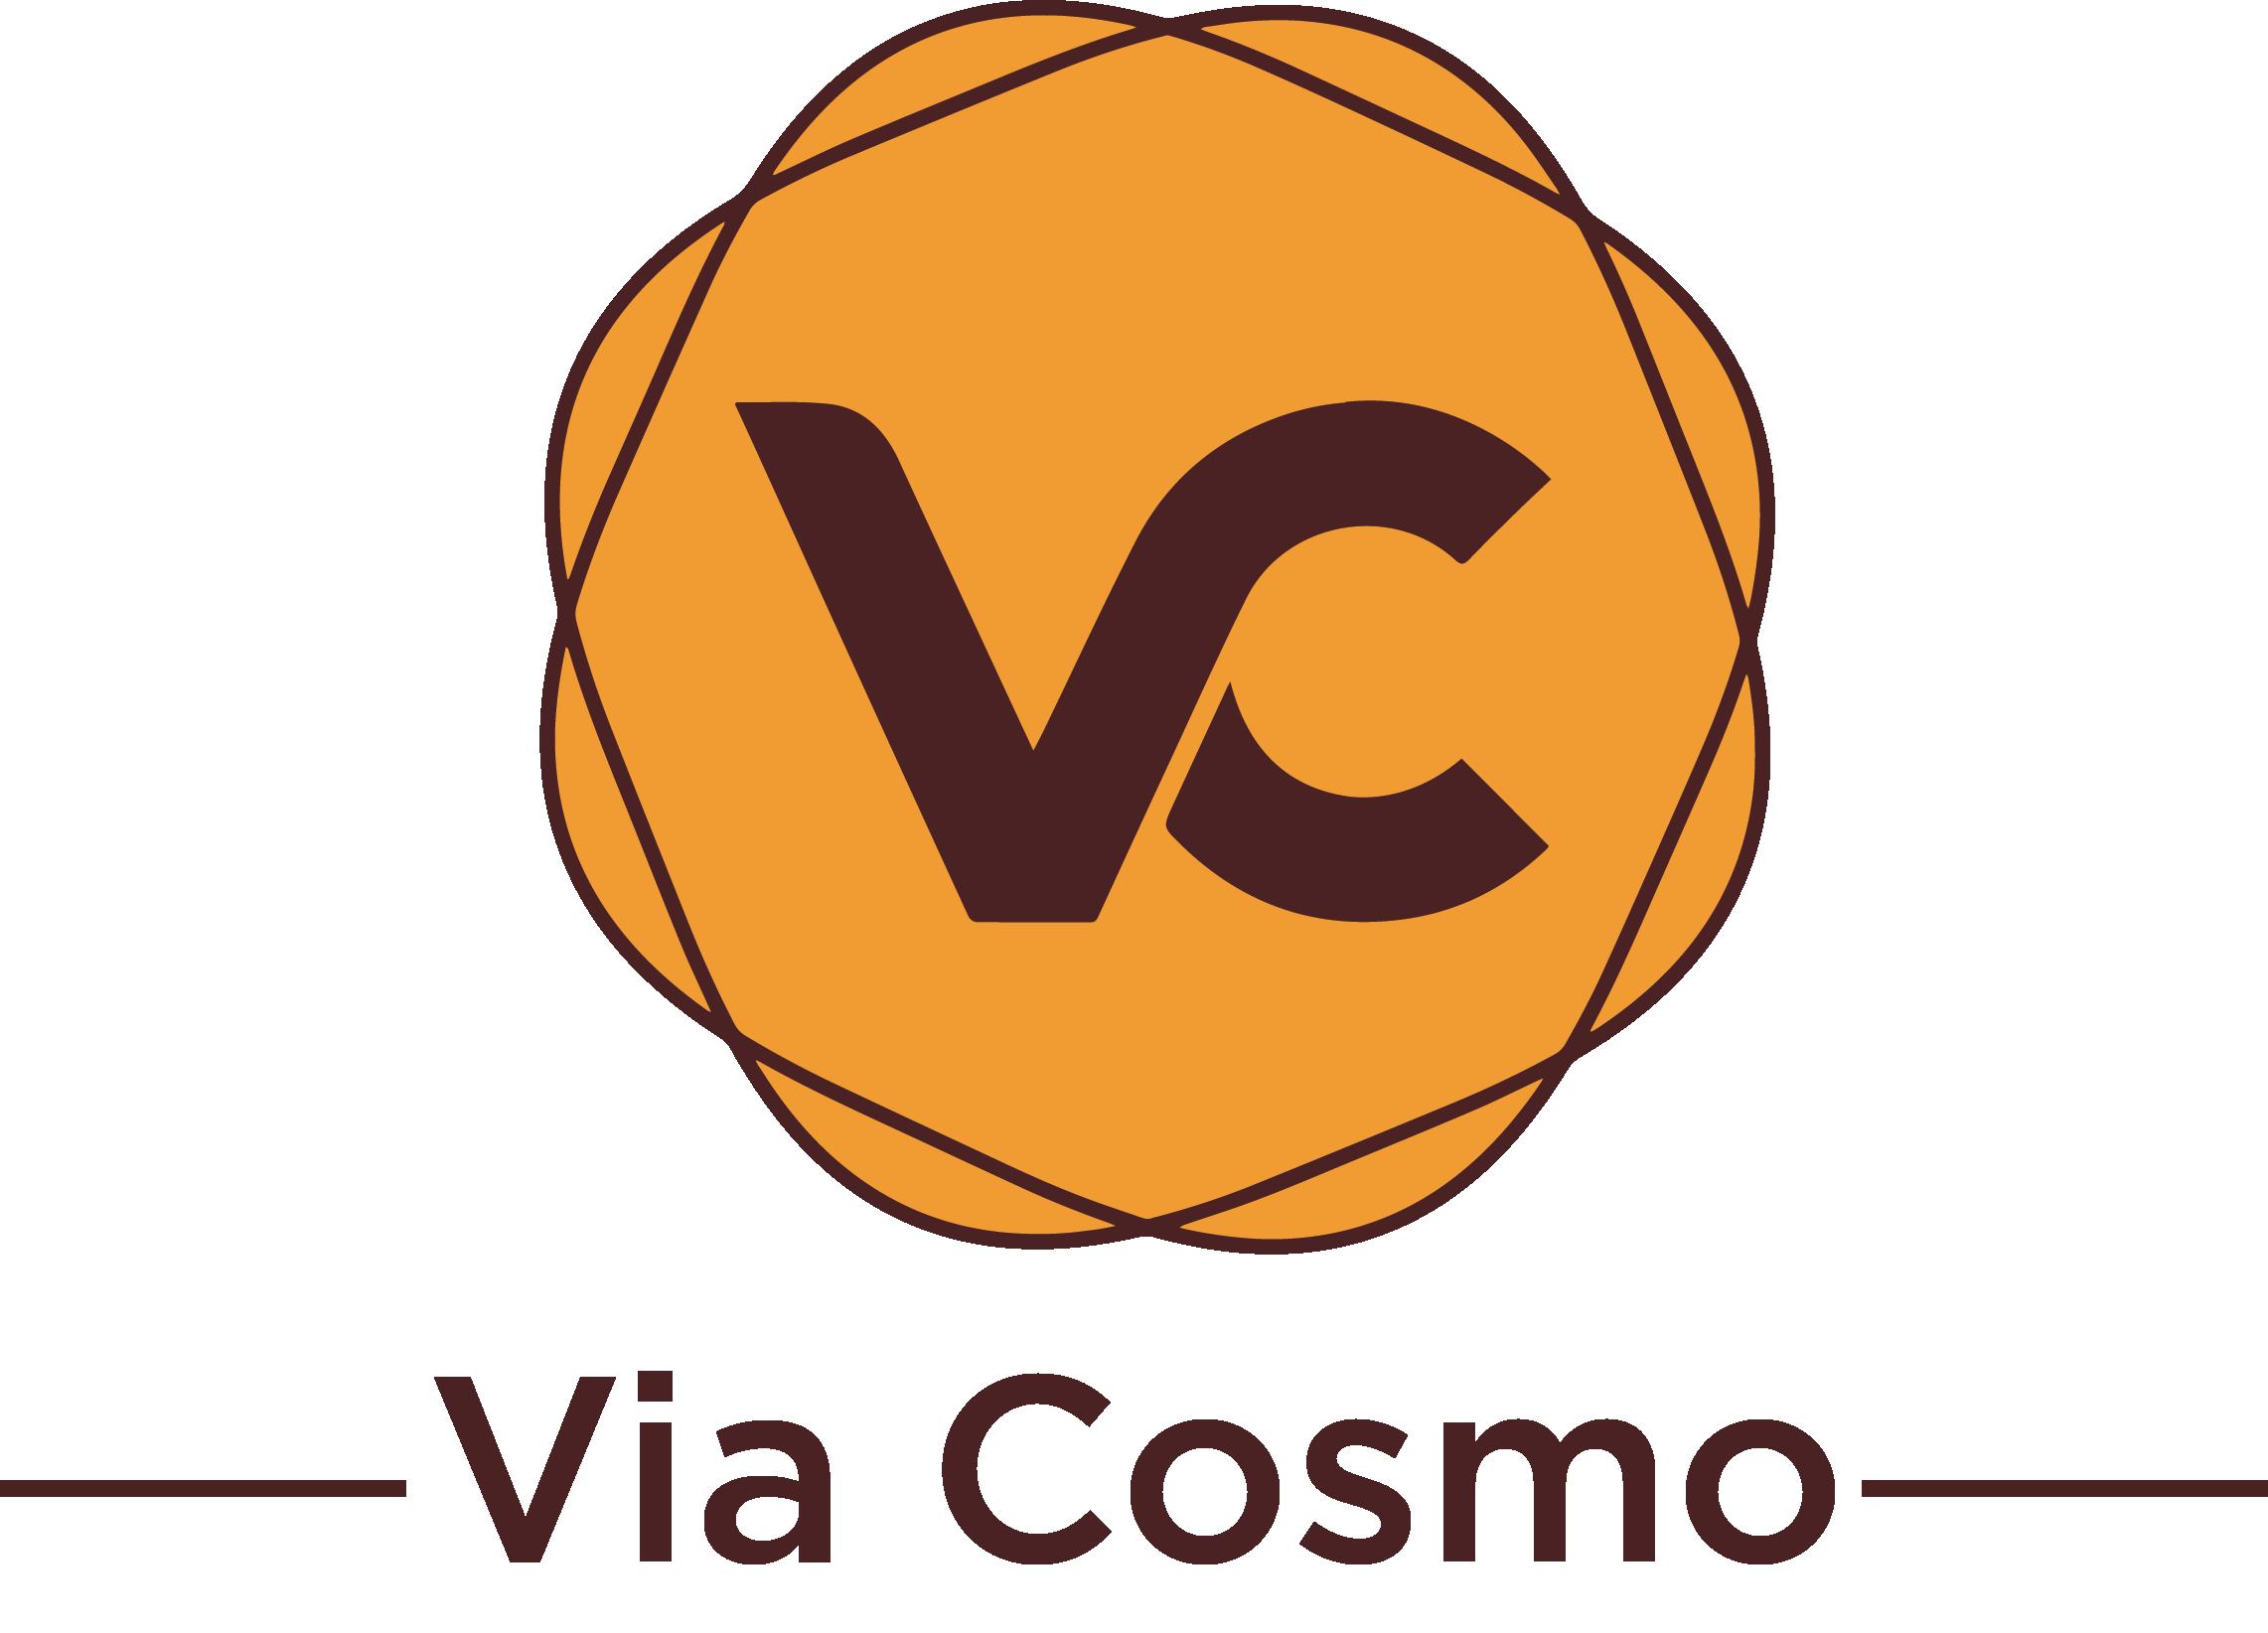 Via Cosmo